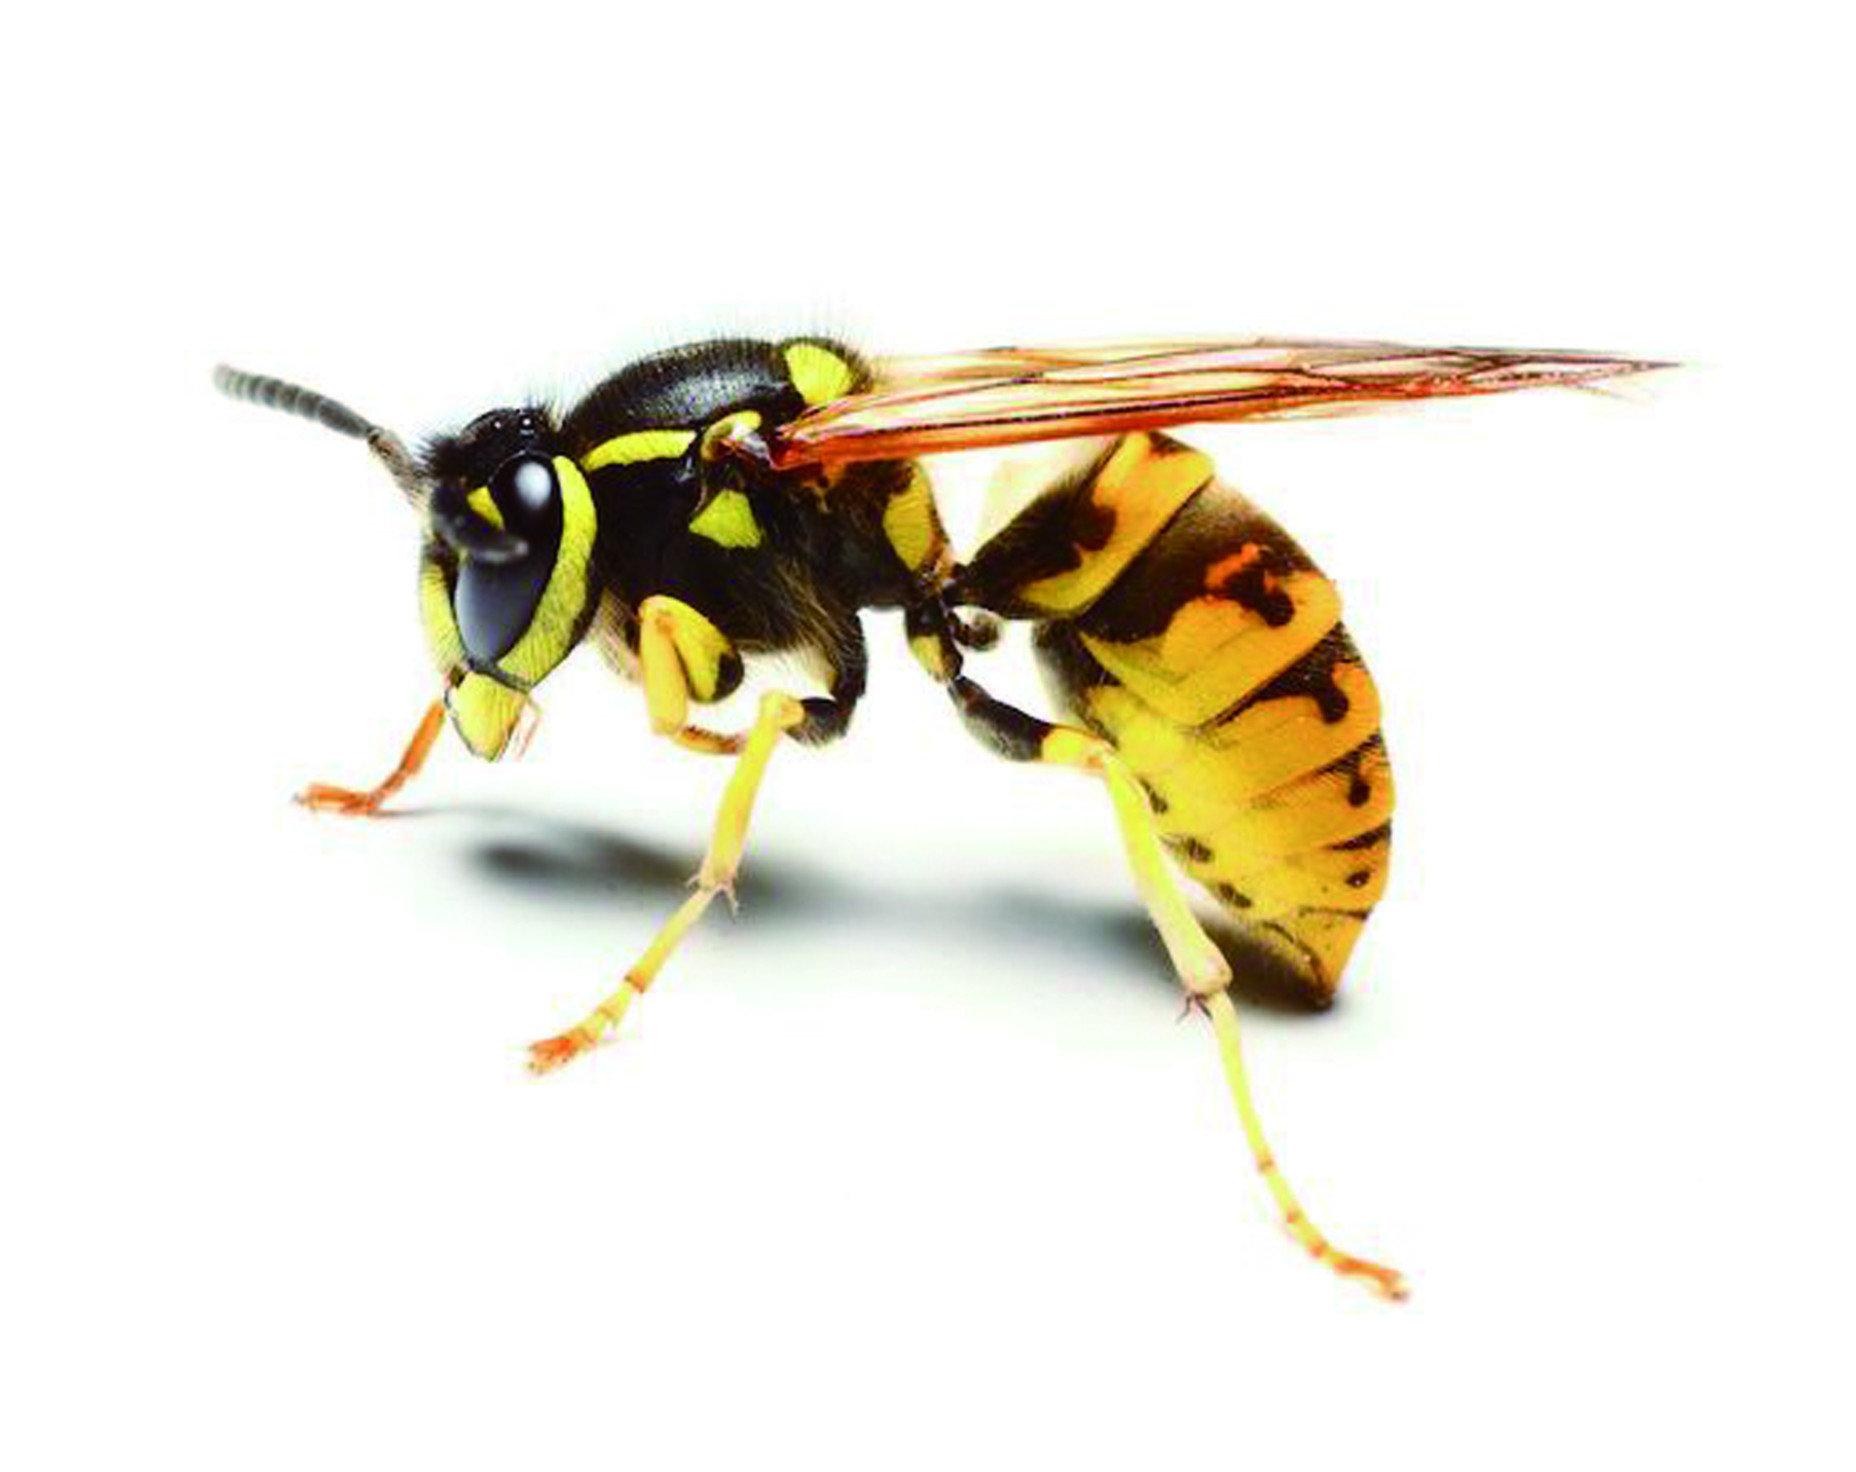 黃腳長蜂:又稱作「陸馬蜂」,體型大約落在1.8~2.3公分,相較於一般養蜂會出現的蜜蜂來講,身形顯得相當大。再加上黑黃相間,極為顯眼、亮麗的外表,顯得更為嚇人,經常被誤會為虎頭蜂。